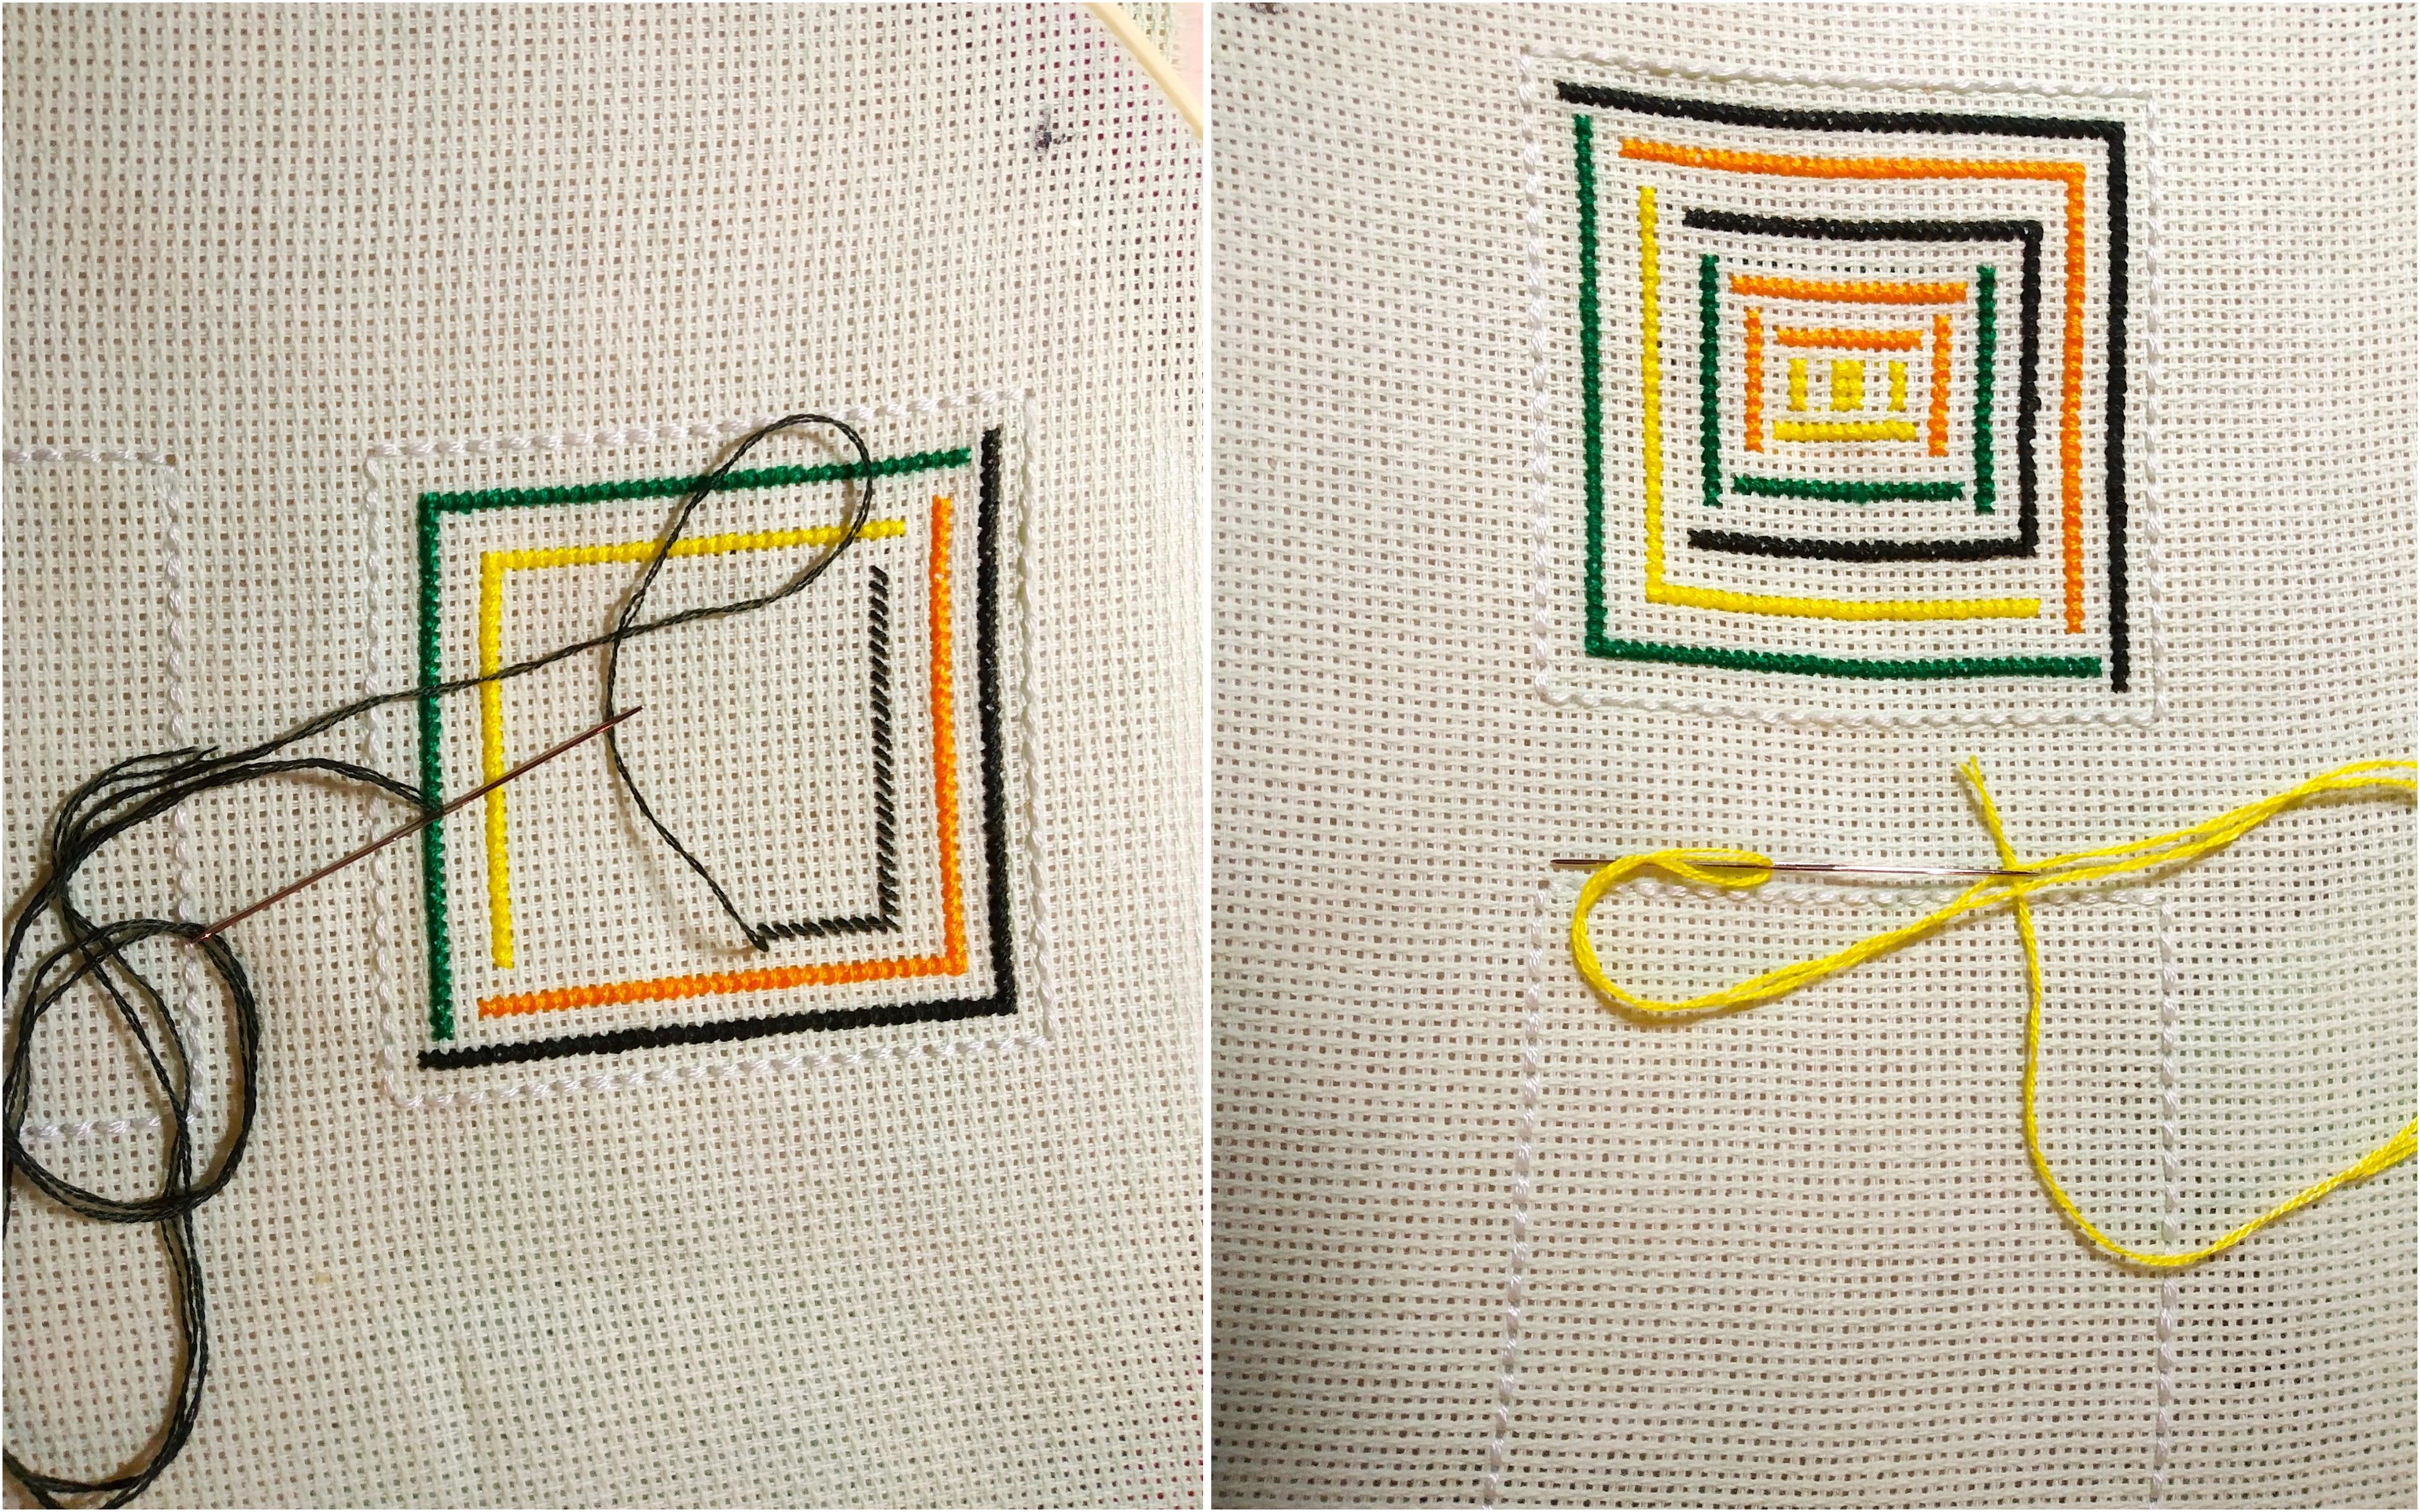 Мастер-класс по вышивке бискорню крестом со схемами и этапами работы